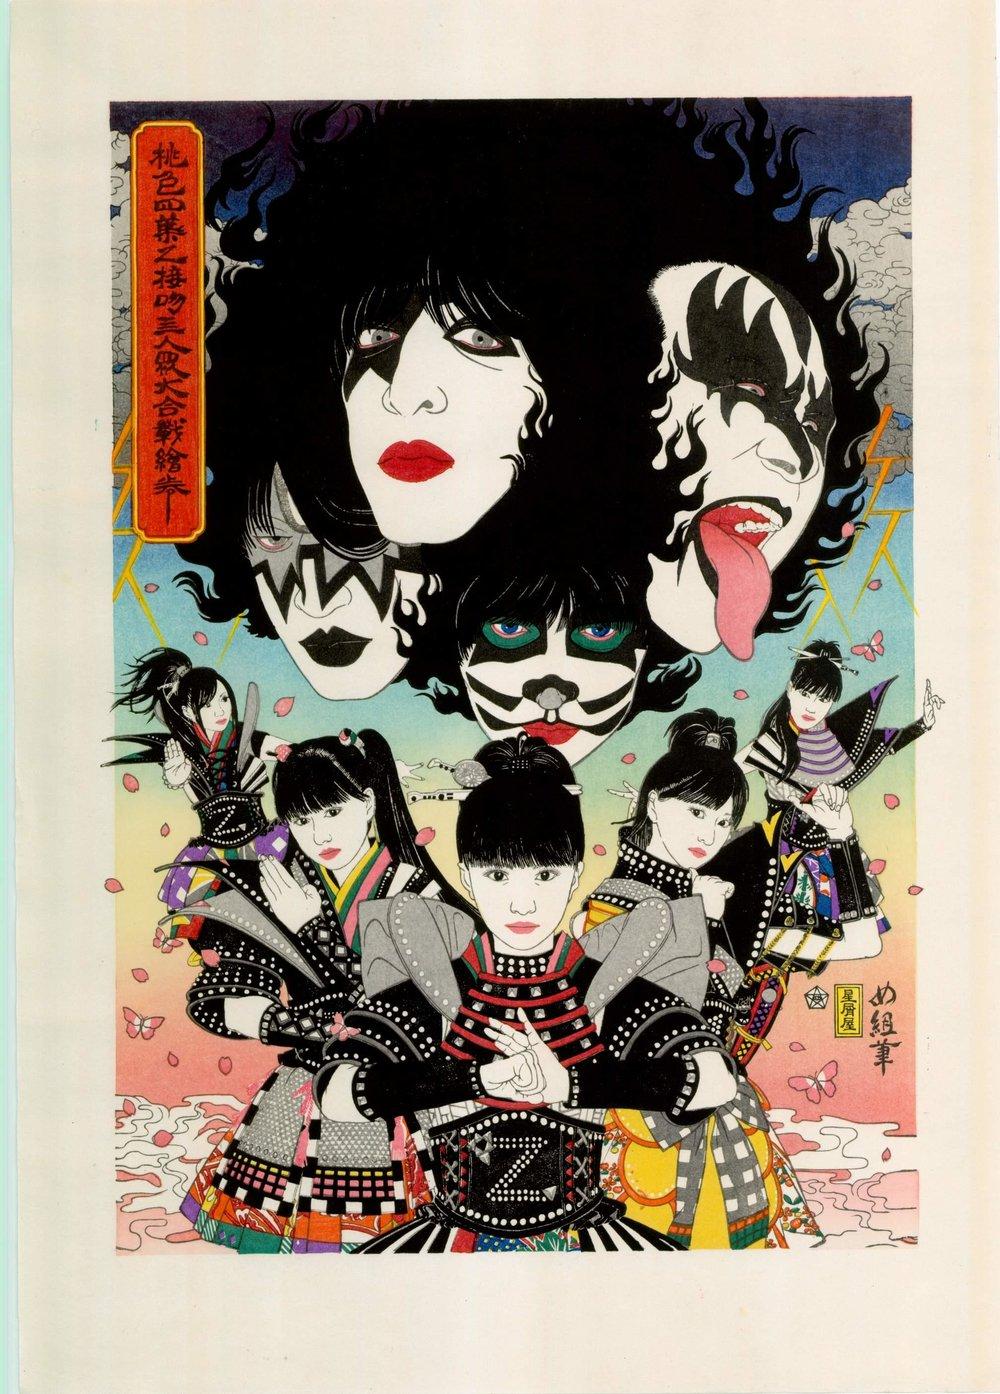 桃色四葉乙接吻四人衆大合戦絵巻 - 伝説的ロックバンド、KISS初の日本人アーティストとのコラボレーションシングルCD「夢の浮世に咲いてみな / ももいろクローバーZ vs KISS」のジャケットフロントカバーを浮世絵化したもの。ももクロ盤とKISS盤の2形態でリリースされた、2種類のビジュアルを1枚の構図に描き下ろしました。妖怪に見立て火の玉のように黒い炎を纏ったKISSと、力強くも華やかなデザインの甲冑を纏ったももクロとの大合戦図です。サイズ(約): 縦 48 cm × 横 34 cm材質/用紙:奉書紙『越前生漉奉書』商品は紙額に入れた後、特注のタトウ(写真はこちらのリンクにて)※ に挟み厳重に梱包しお送りします。額装はされておりません。額装が必要な場合は下記の写真を参考にオプションで追加して下さい。※タトウ・・・浮世絵などの版画や水彩画などの繊細な作品に最適の保存用二つ折り台紙です。108,000円(送料込・税込)